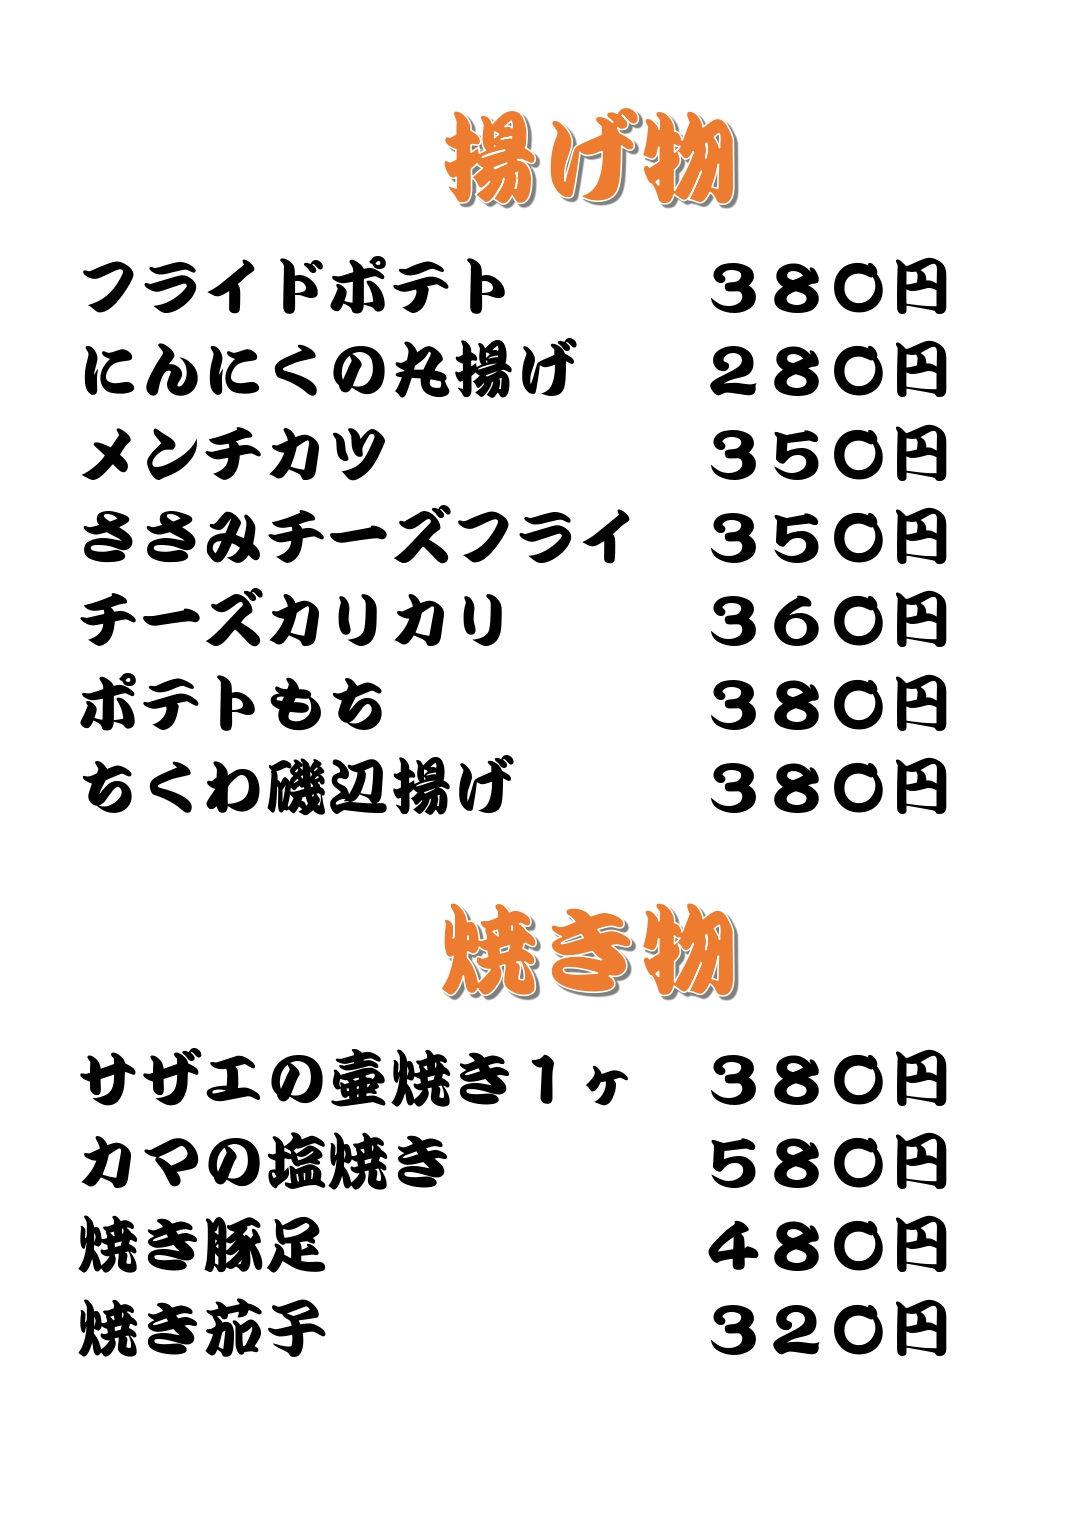 揚げ物・焼き物メニュー_page-0002.jpg